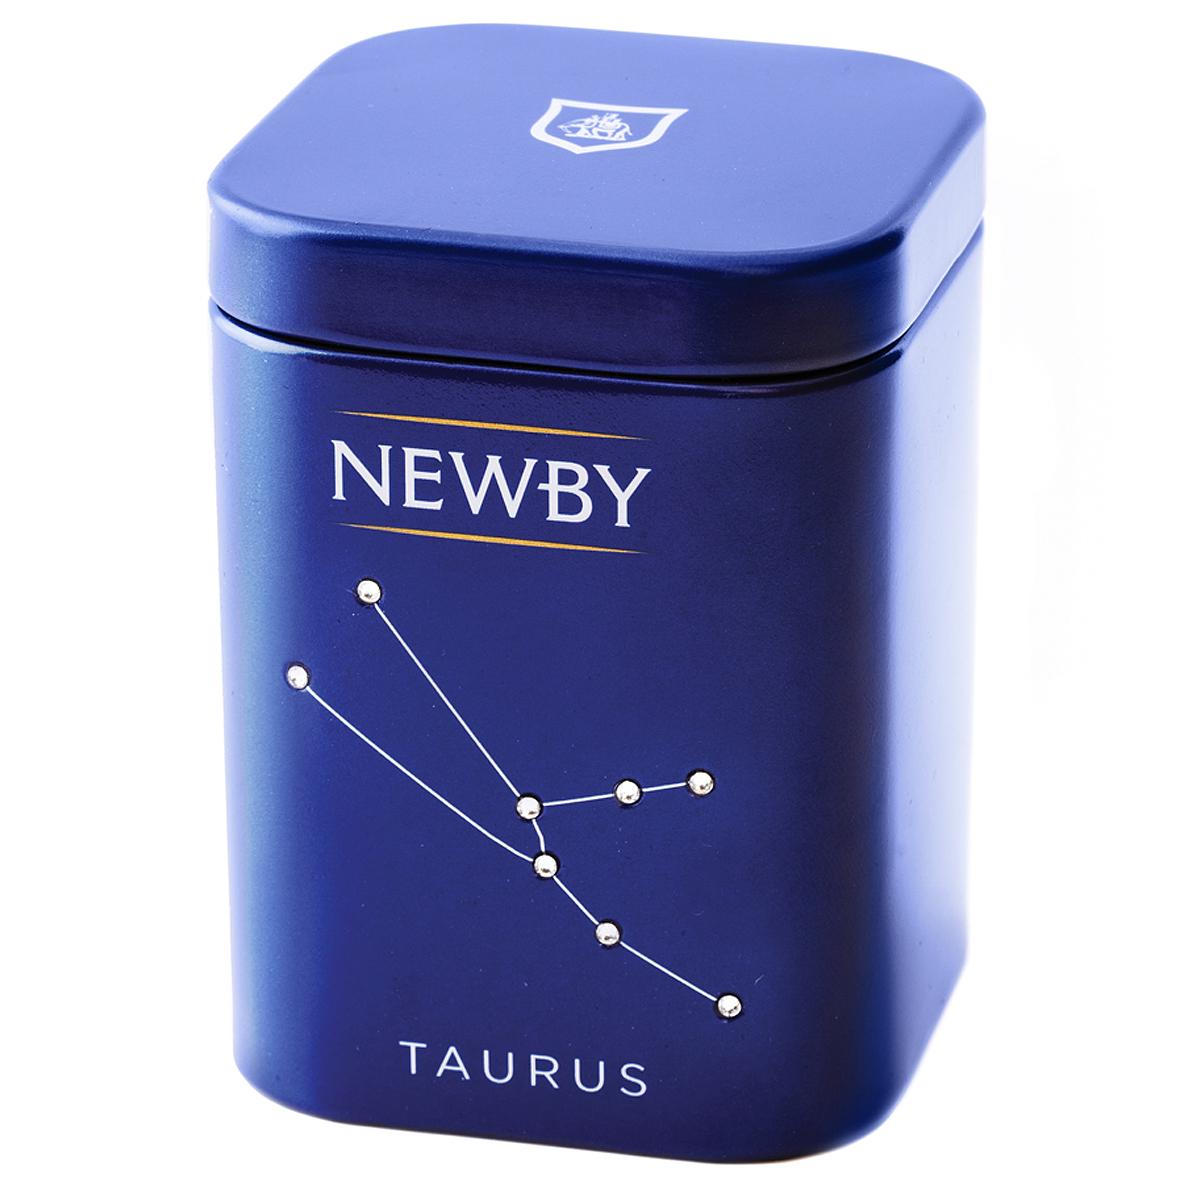 где купить  Newby Taurus English Breakfast подарочный набор листового чая, 25 г (ж/б)  по лучшей цене